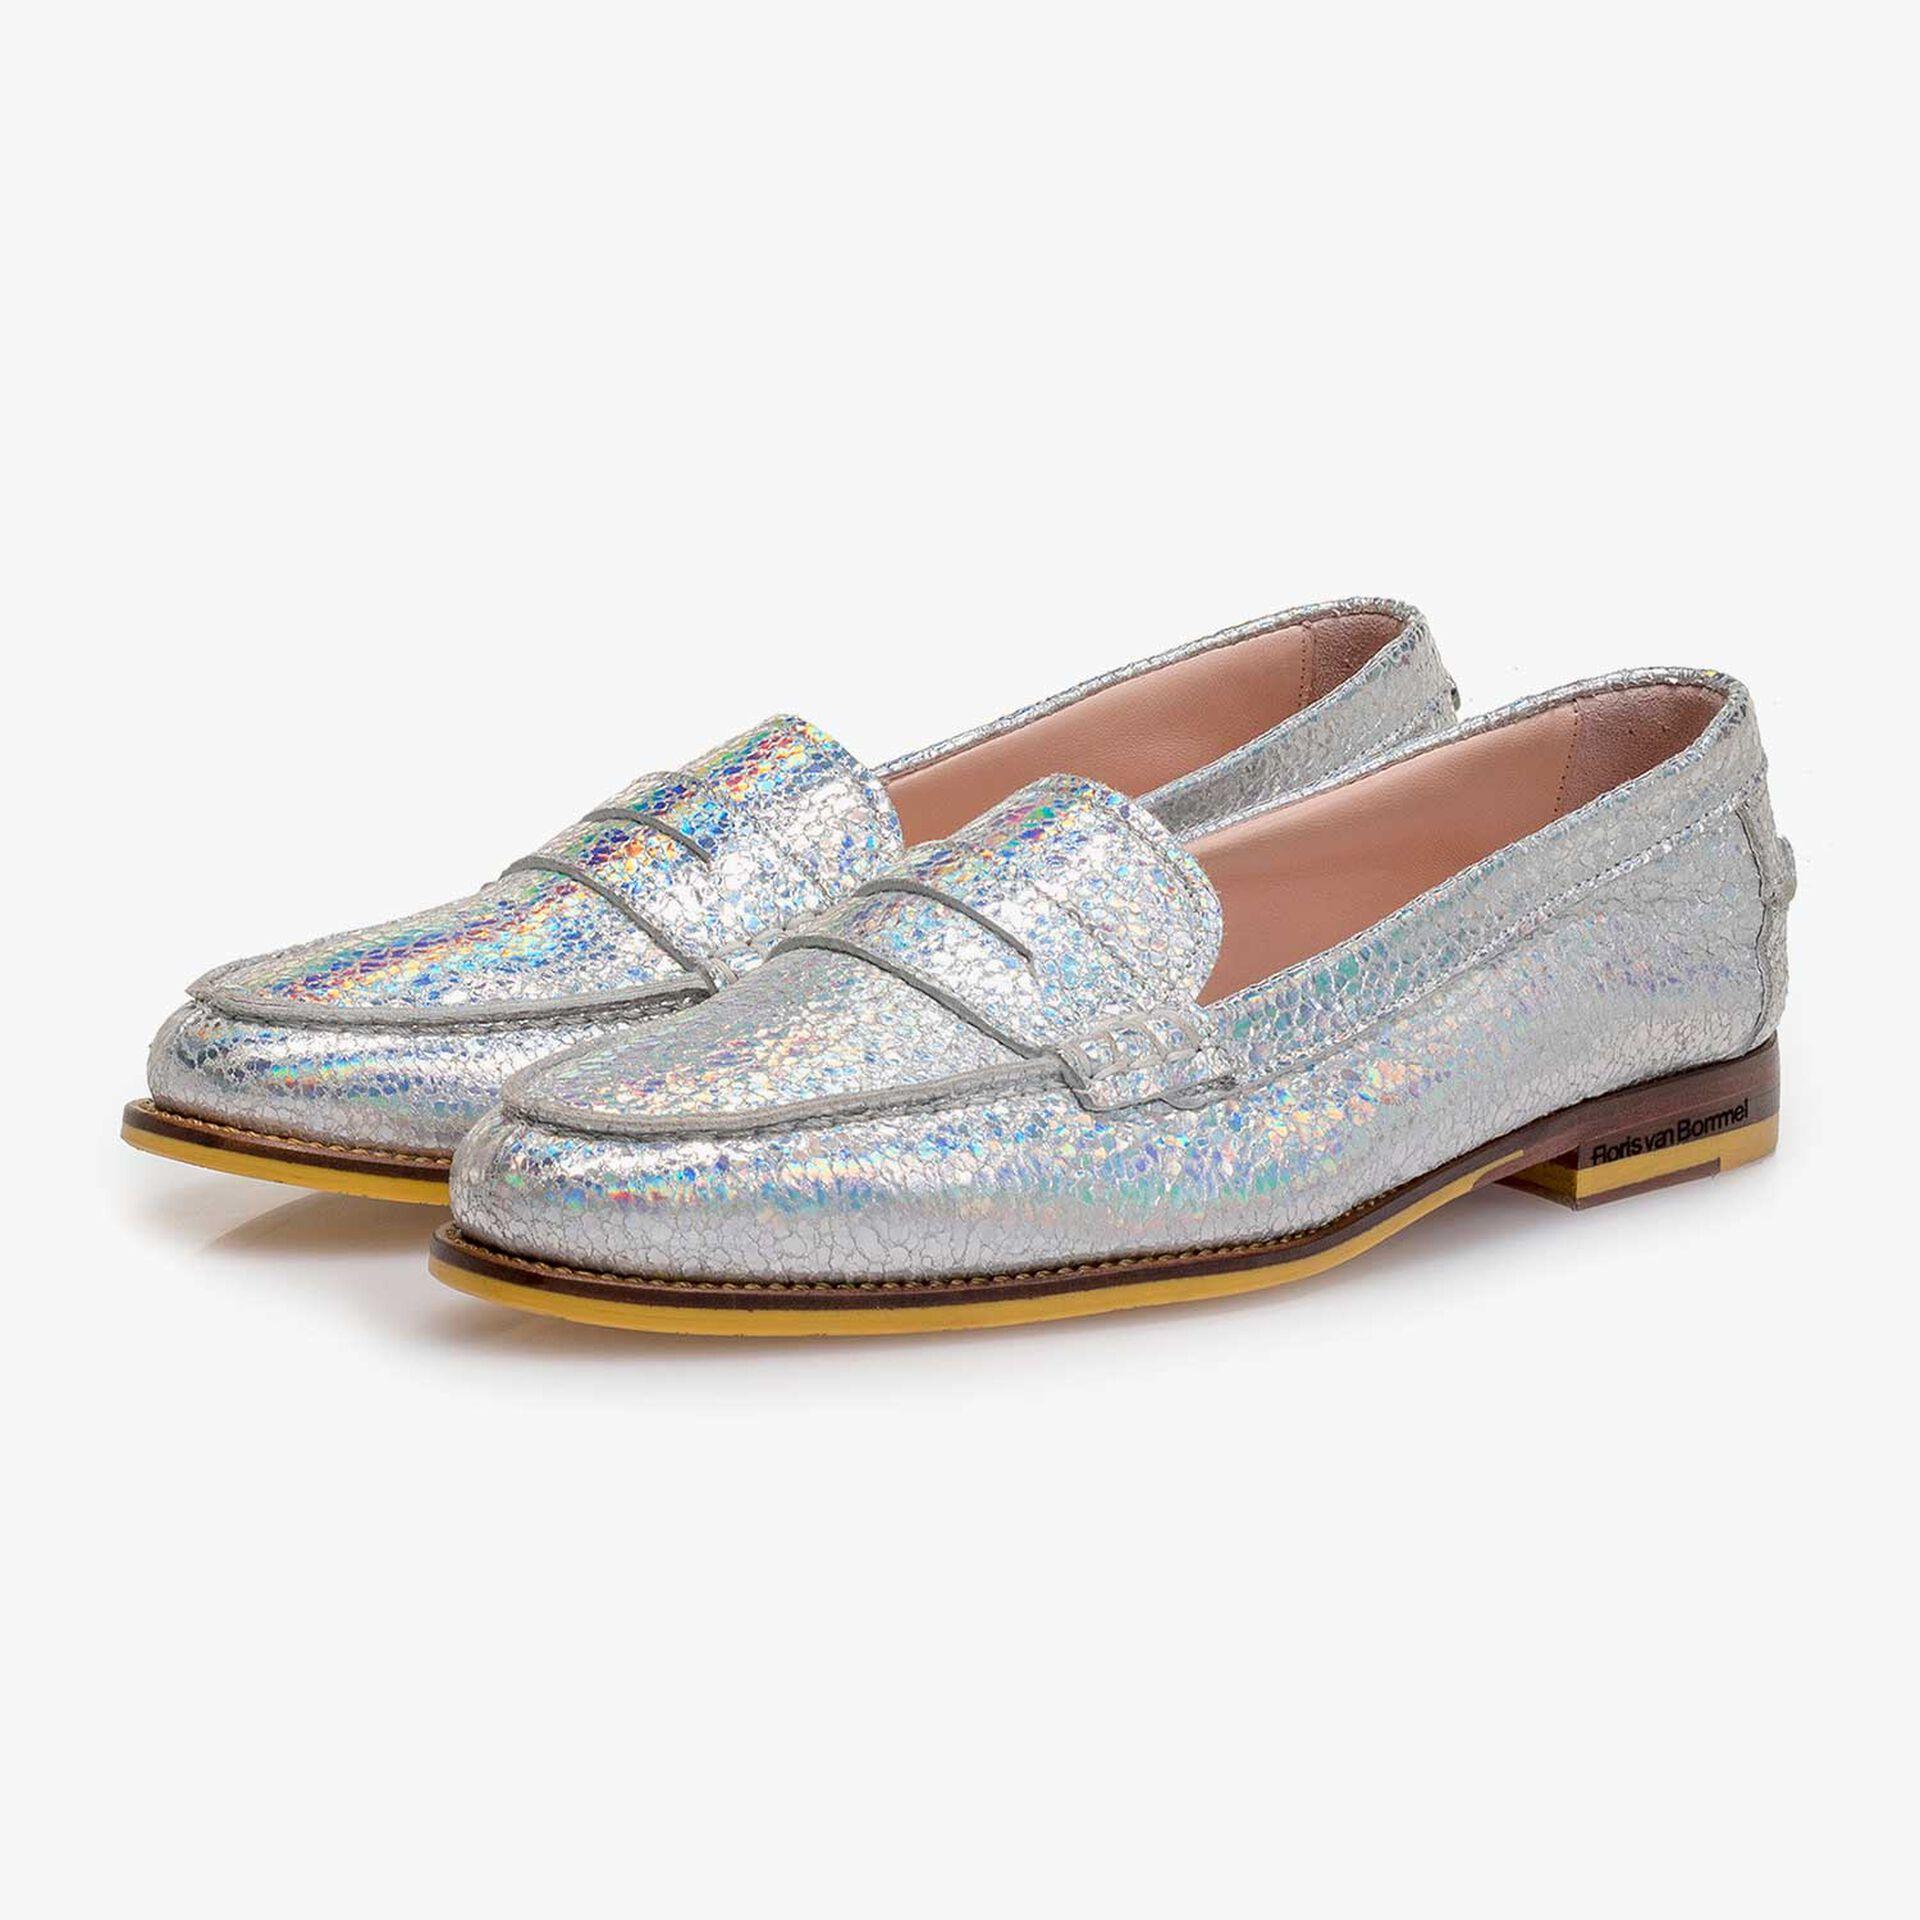 Zilveren metallic leren loafer met craquelé effect